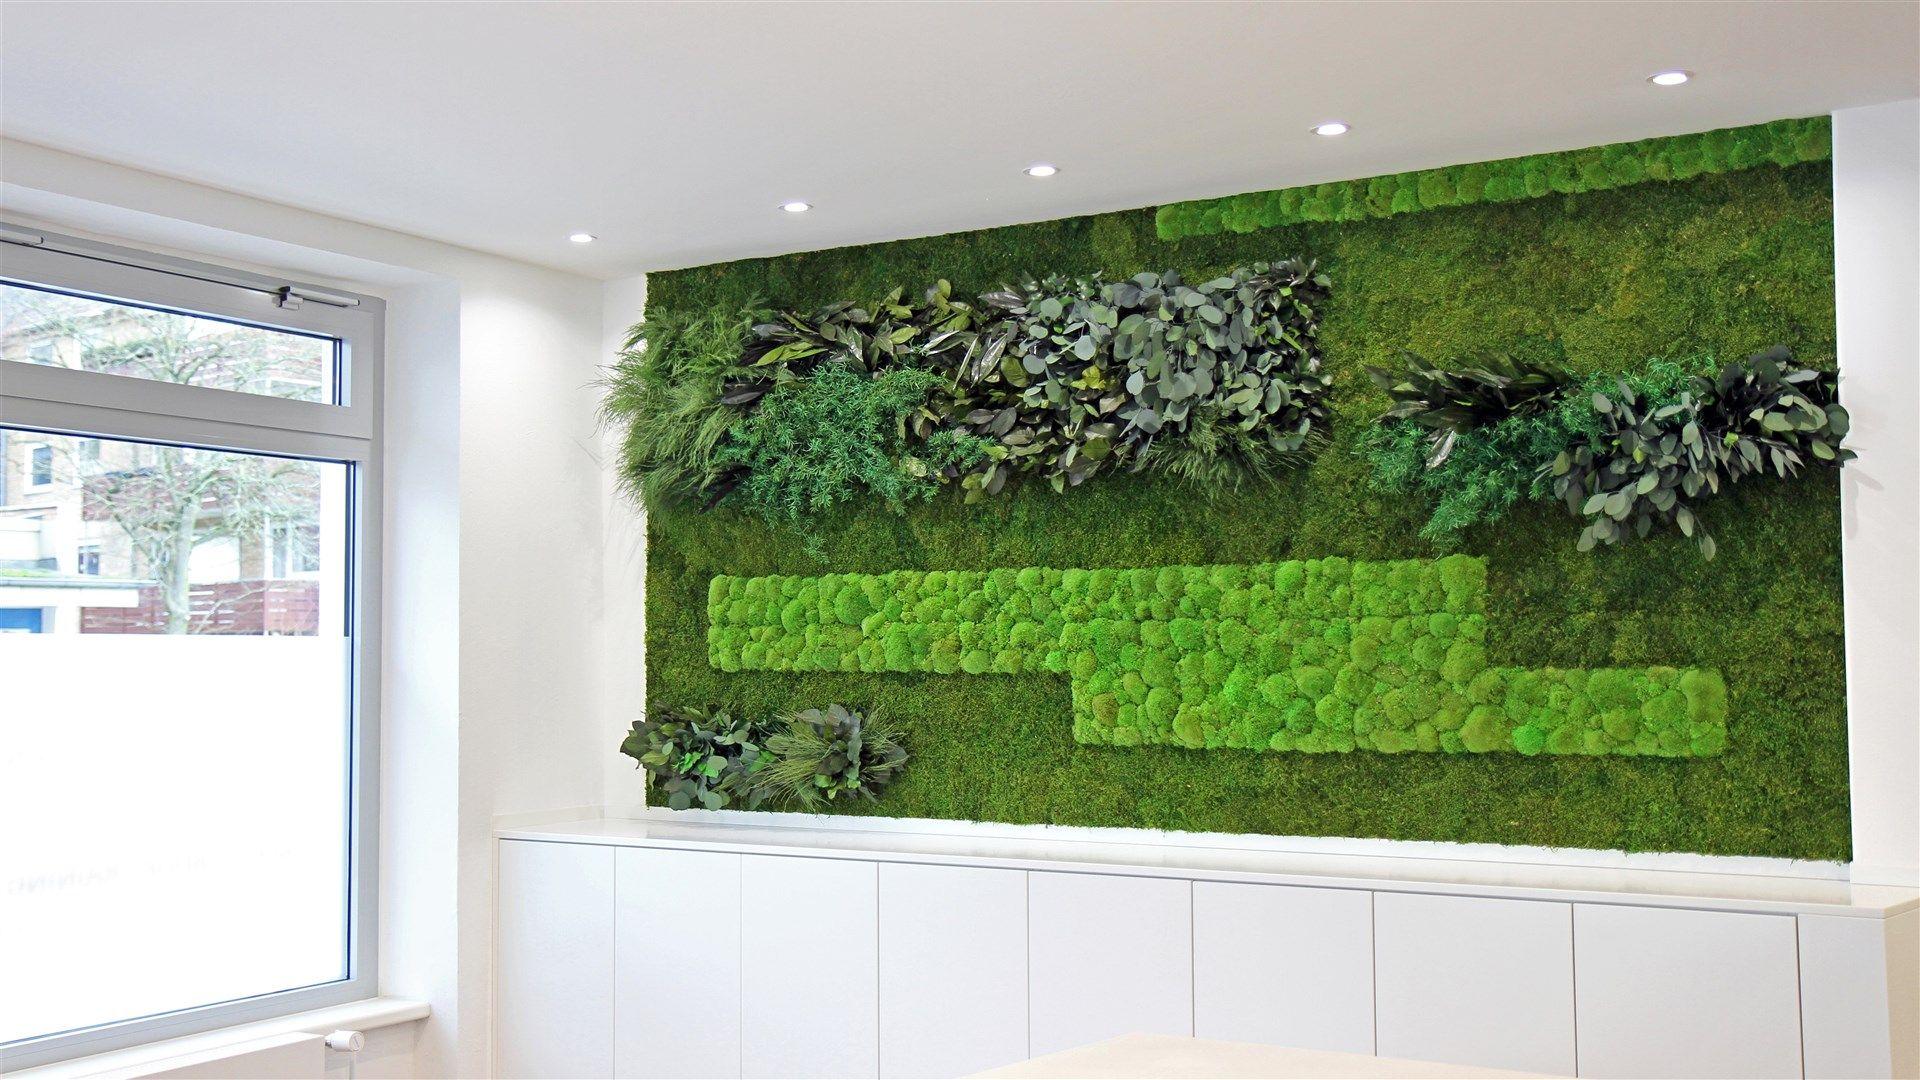 Moos-und Echtpflanzen-Bild   Raumteiler   Pinterest   Raumteiler ...